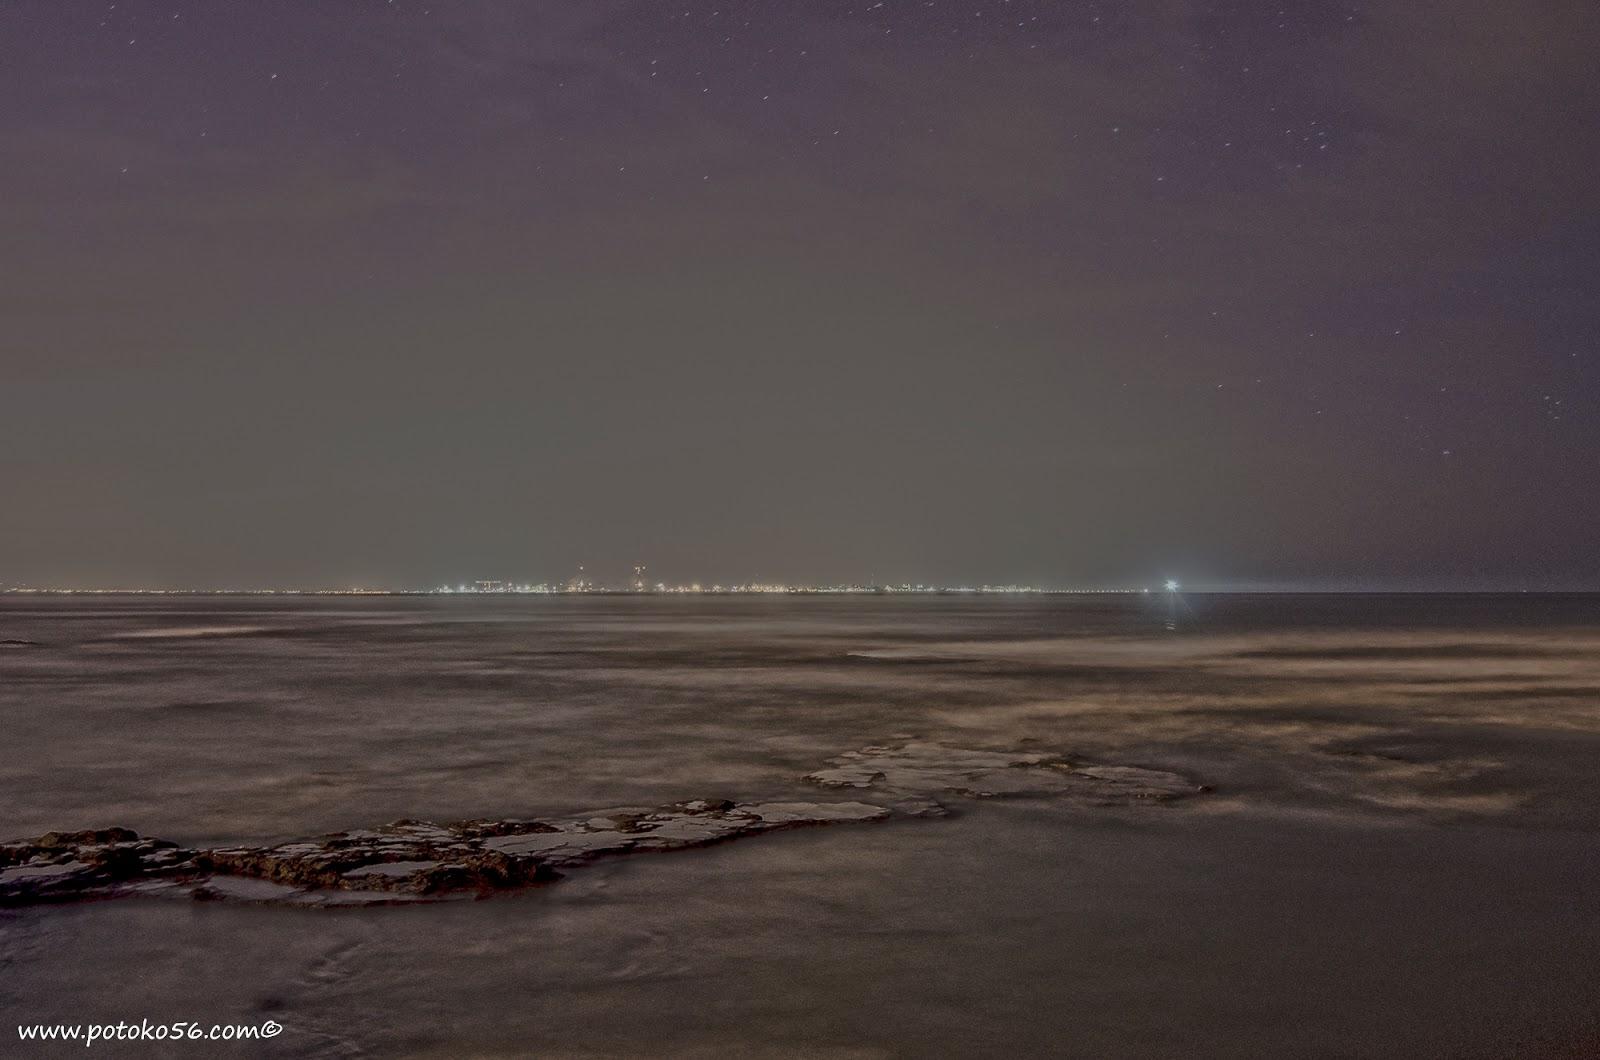 Cadiz en la madrugada desde la playa del Chorrillo en Rota